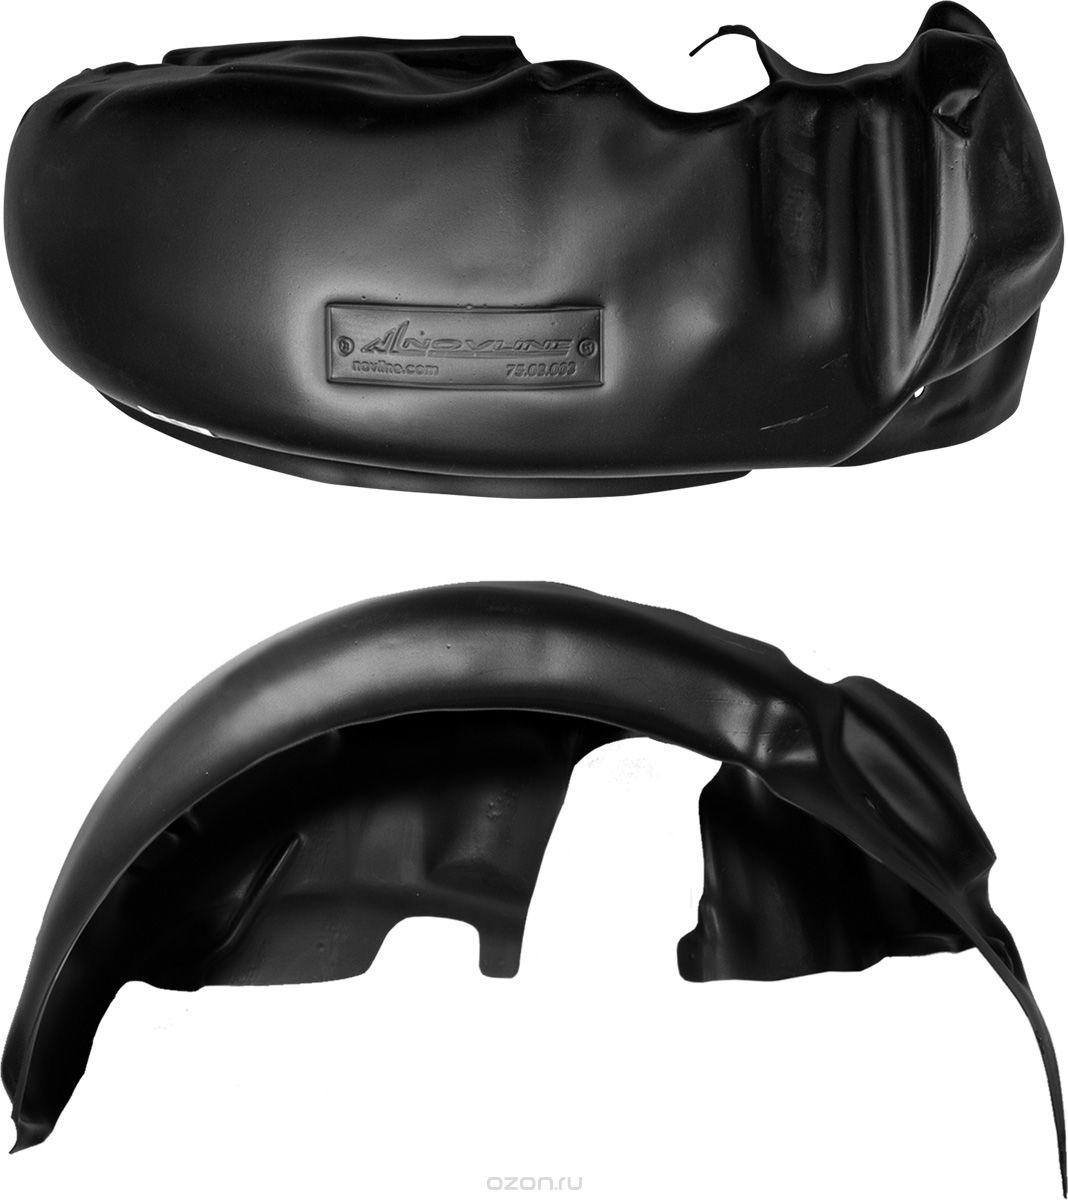 Подкрылок Novline-Autofamily, для ВАЗ 2105-07 1982-2010, задний левыйDW90Идеальная защита колесной ниши. Локеры разработаны с применением цифровых технологий, гарантируют максимальную повторяемость поверхности арки. Изделия устанавливаются без нарушения лакокрасочного покрытия автомобиля, каждый подкрылок комплектуется крепежом. Уважаемые клиенты, обращаем ваше внимание, что фотографии на подкрылки универсальные и не отражают реальную форму изделия. При этом само изделие идет точно под размер указанного автомобиля.